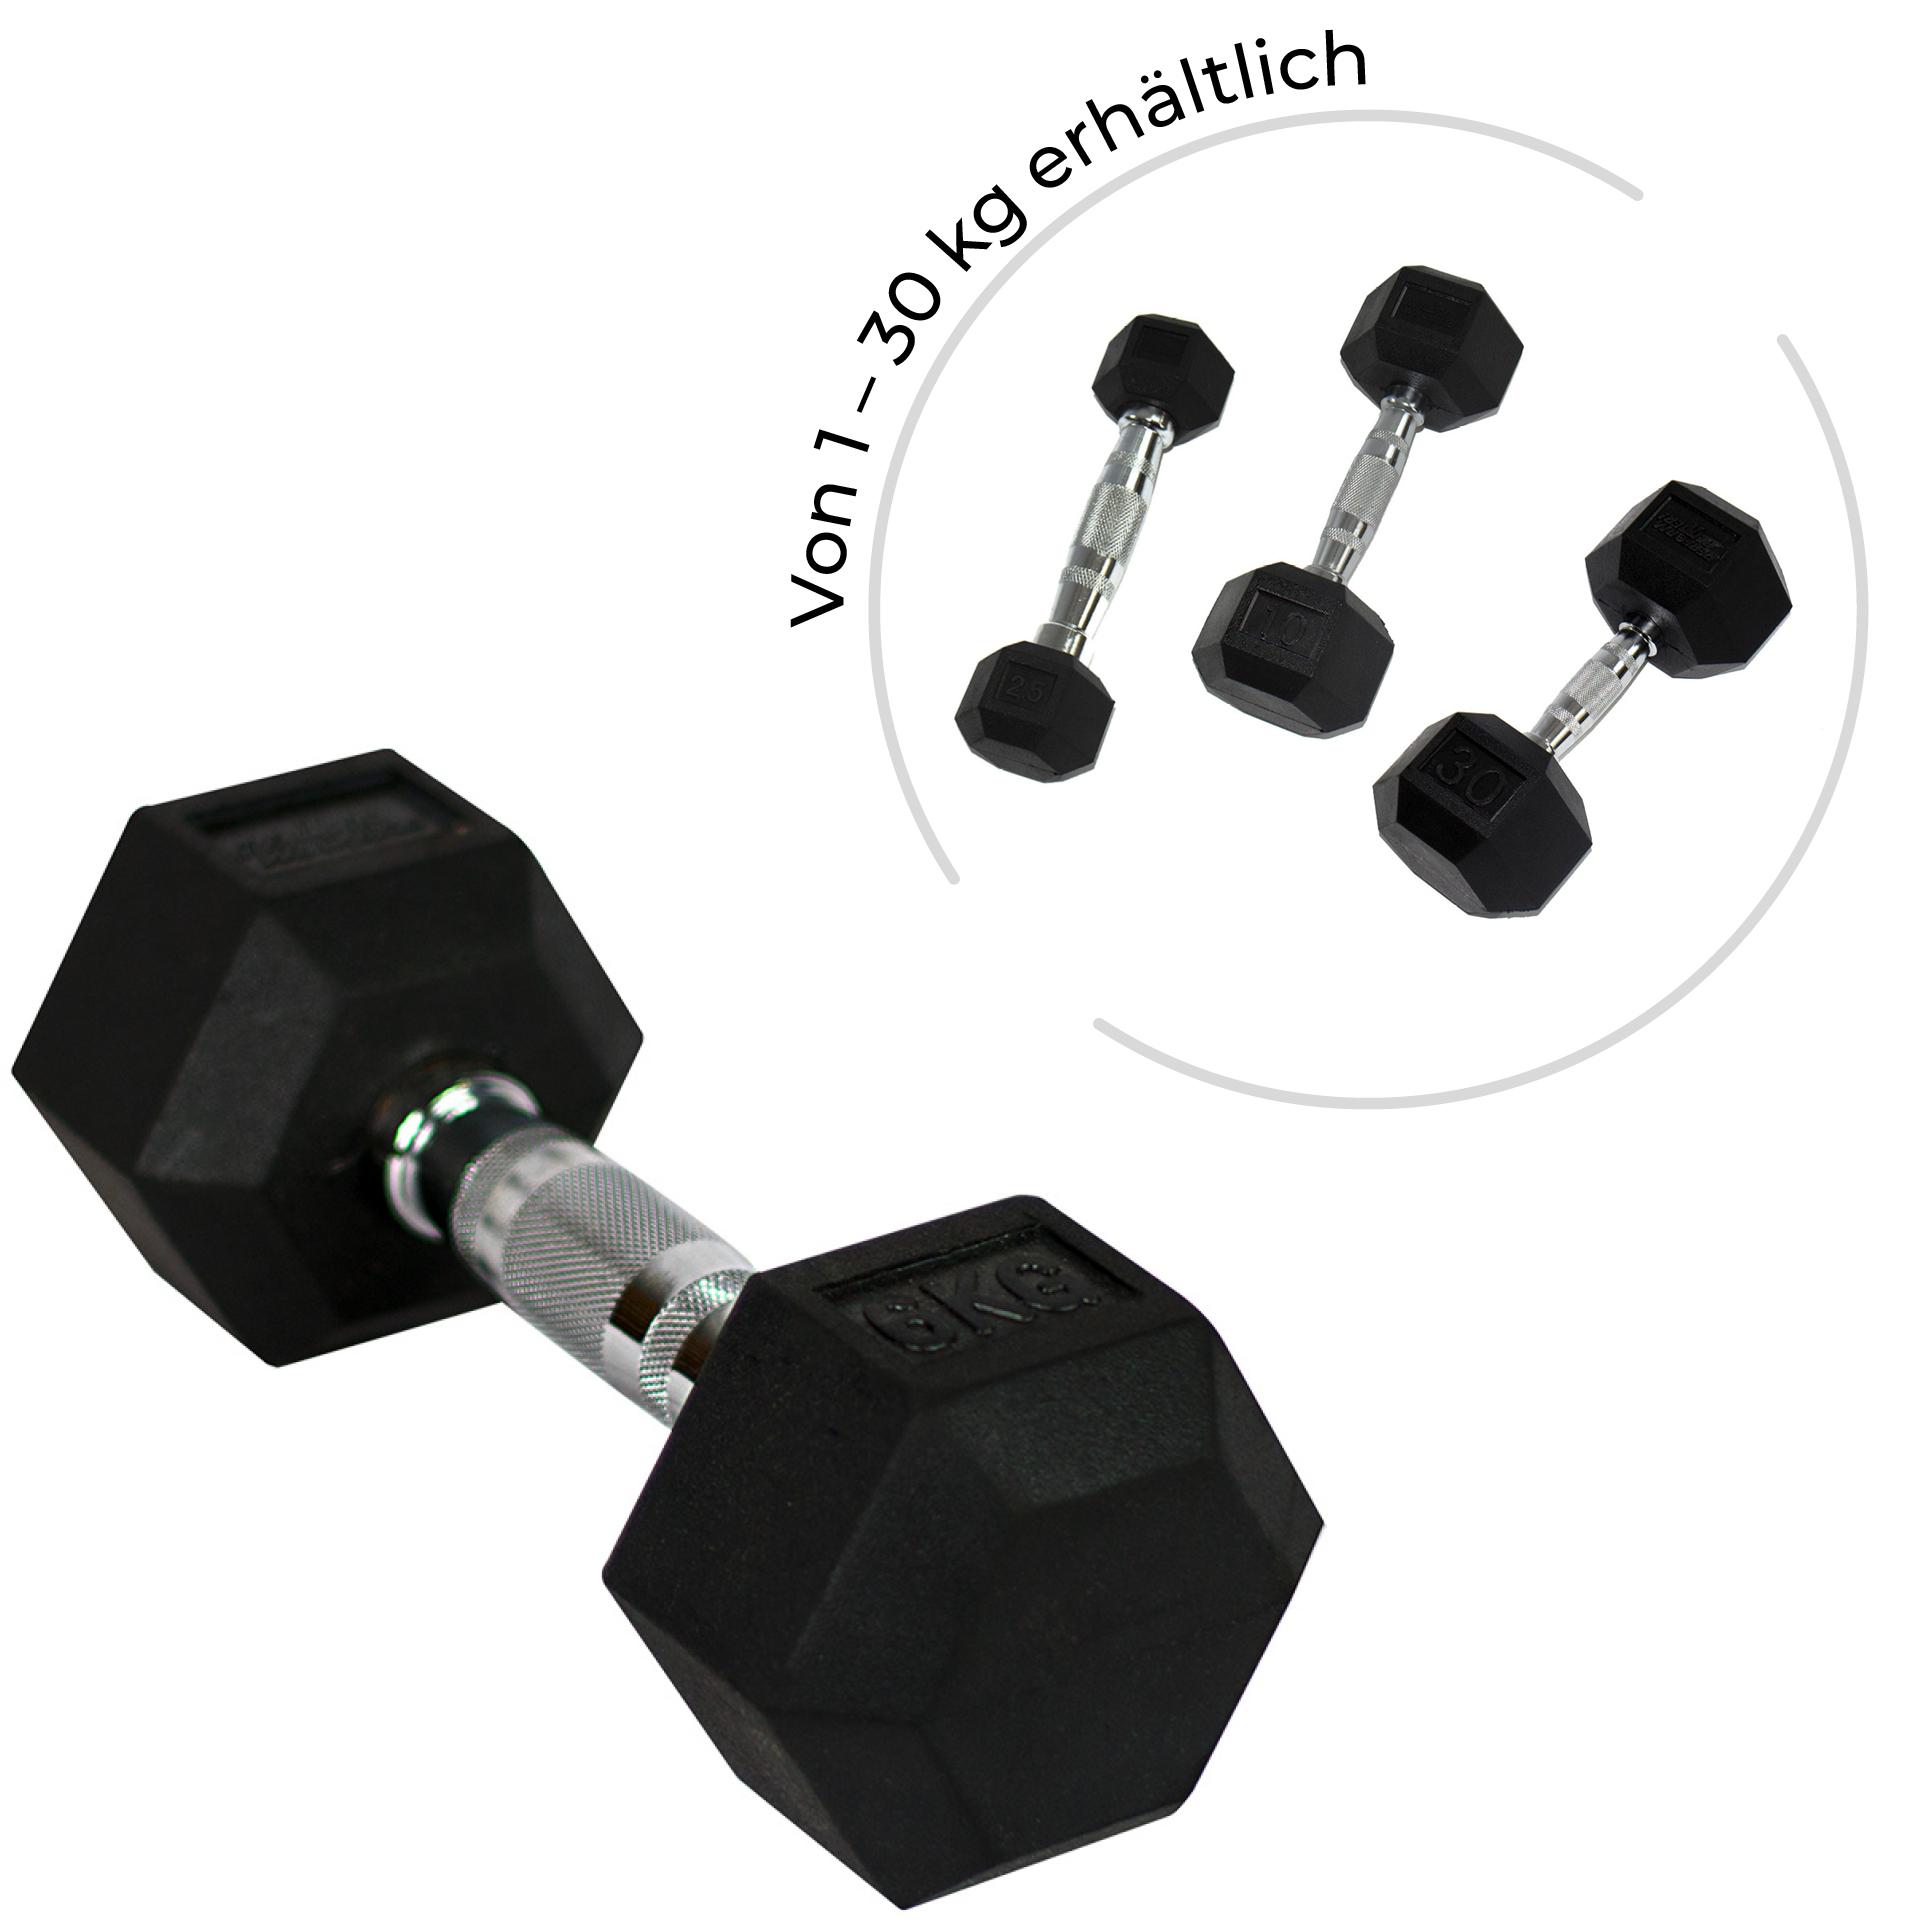 PB Hexhantel - 1 kg (Stck)